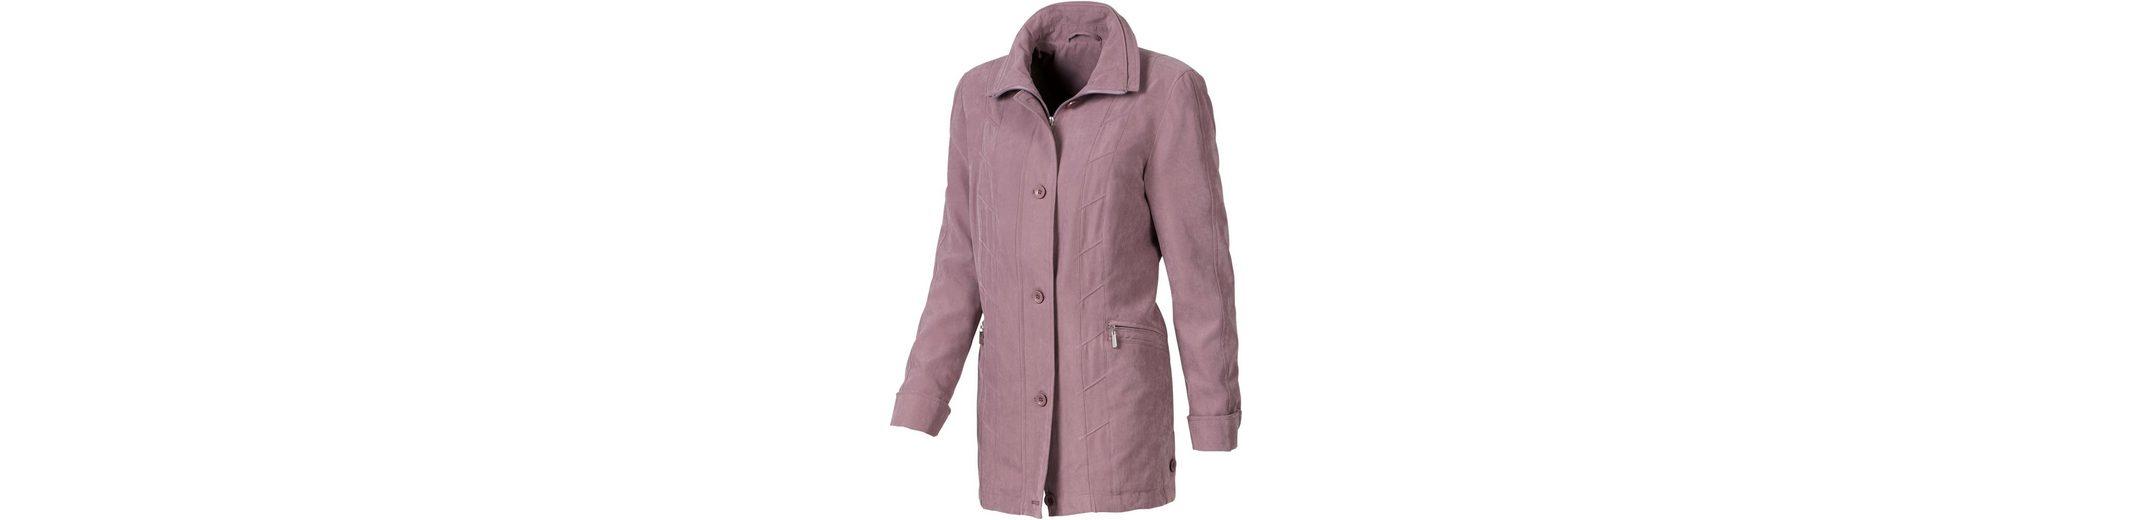 Jacke in wind- und wasserabweisender Micro-Moss-Qualität Günstig Kaufen Verkauf hLFHv